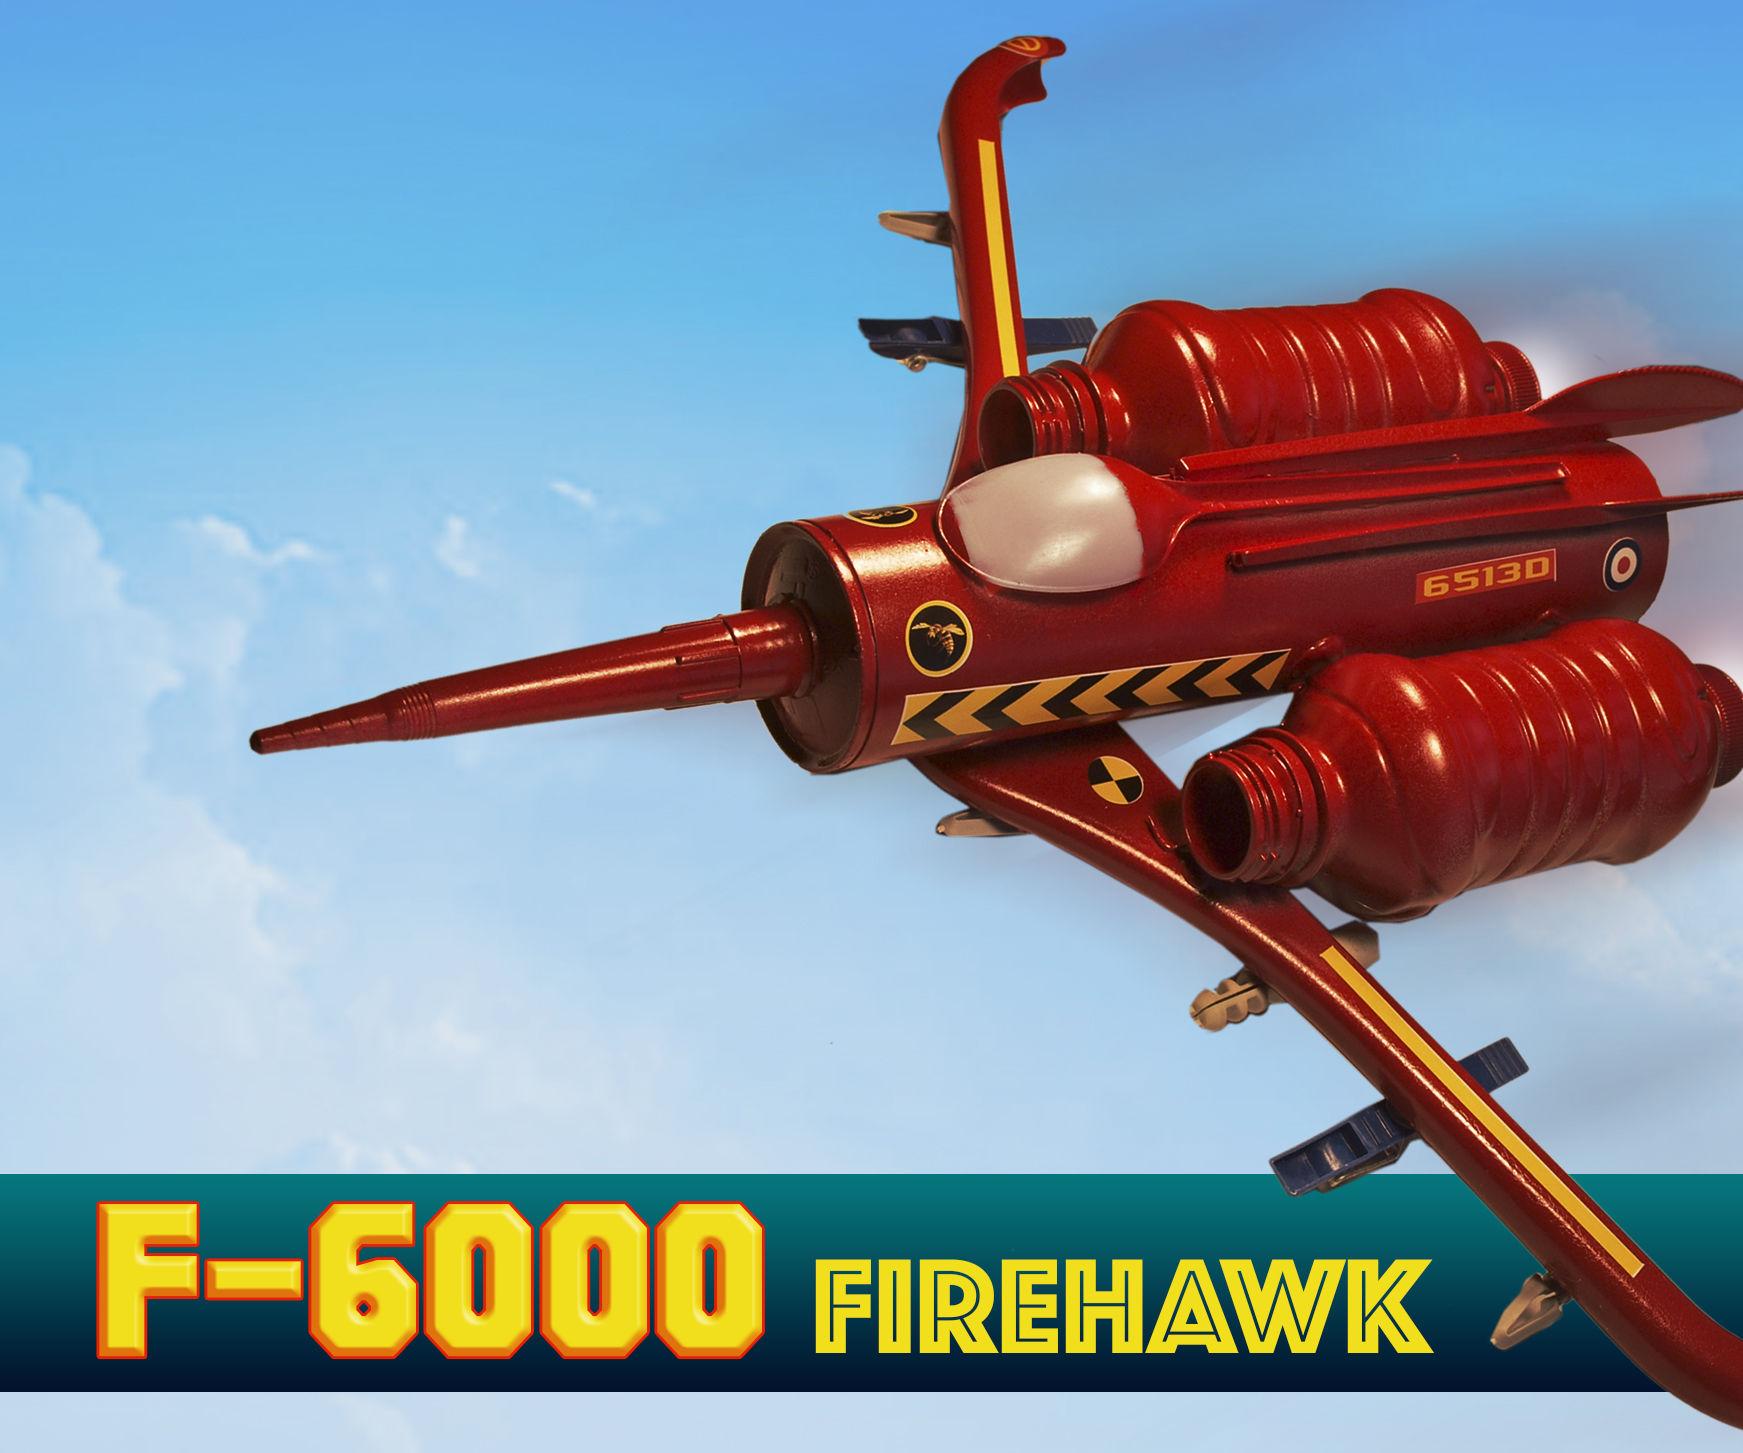 Make an Aircraft - F6000 Firehawk